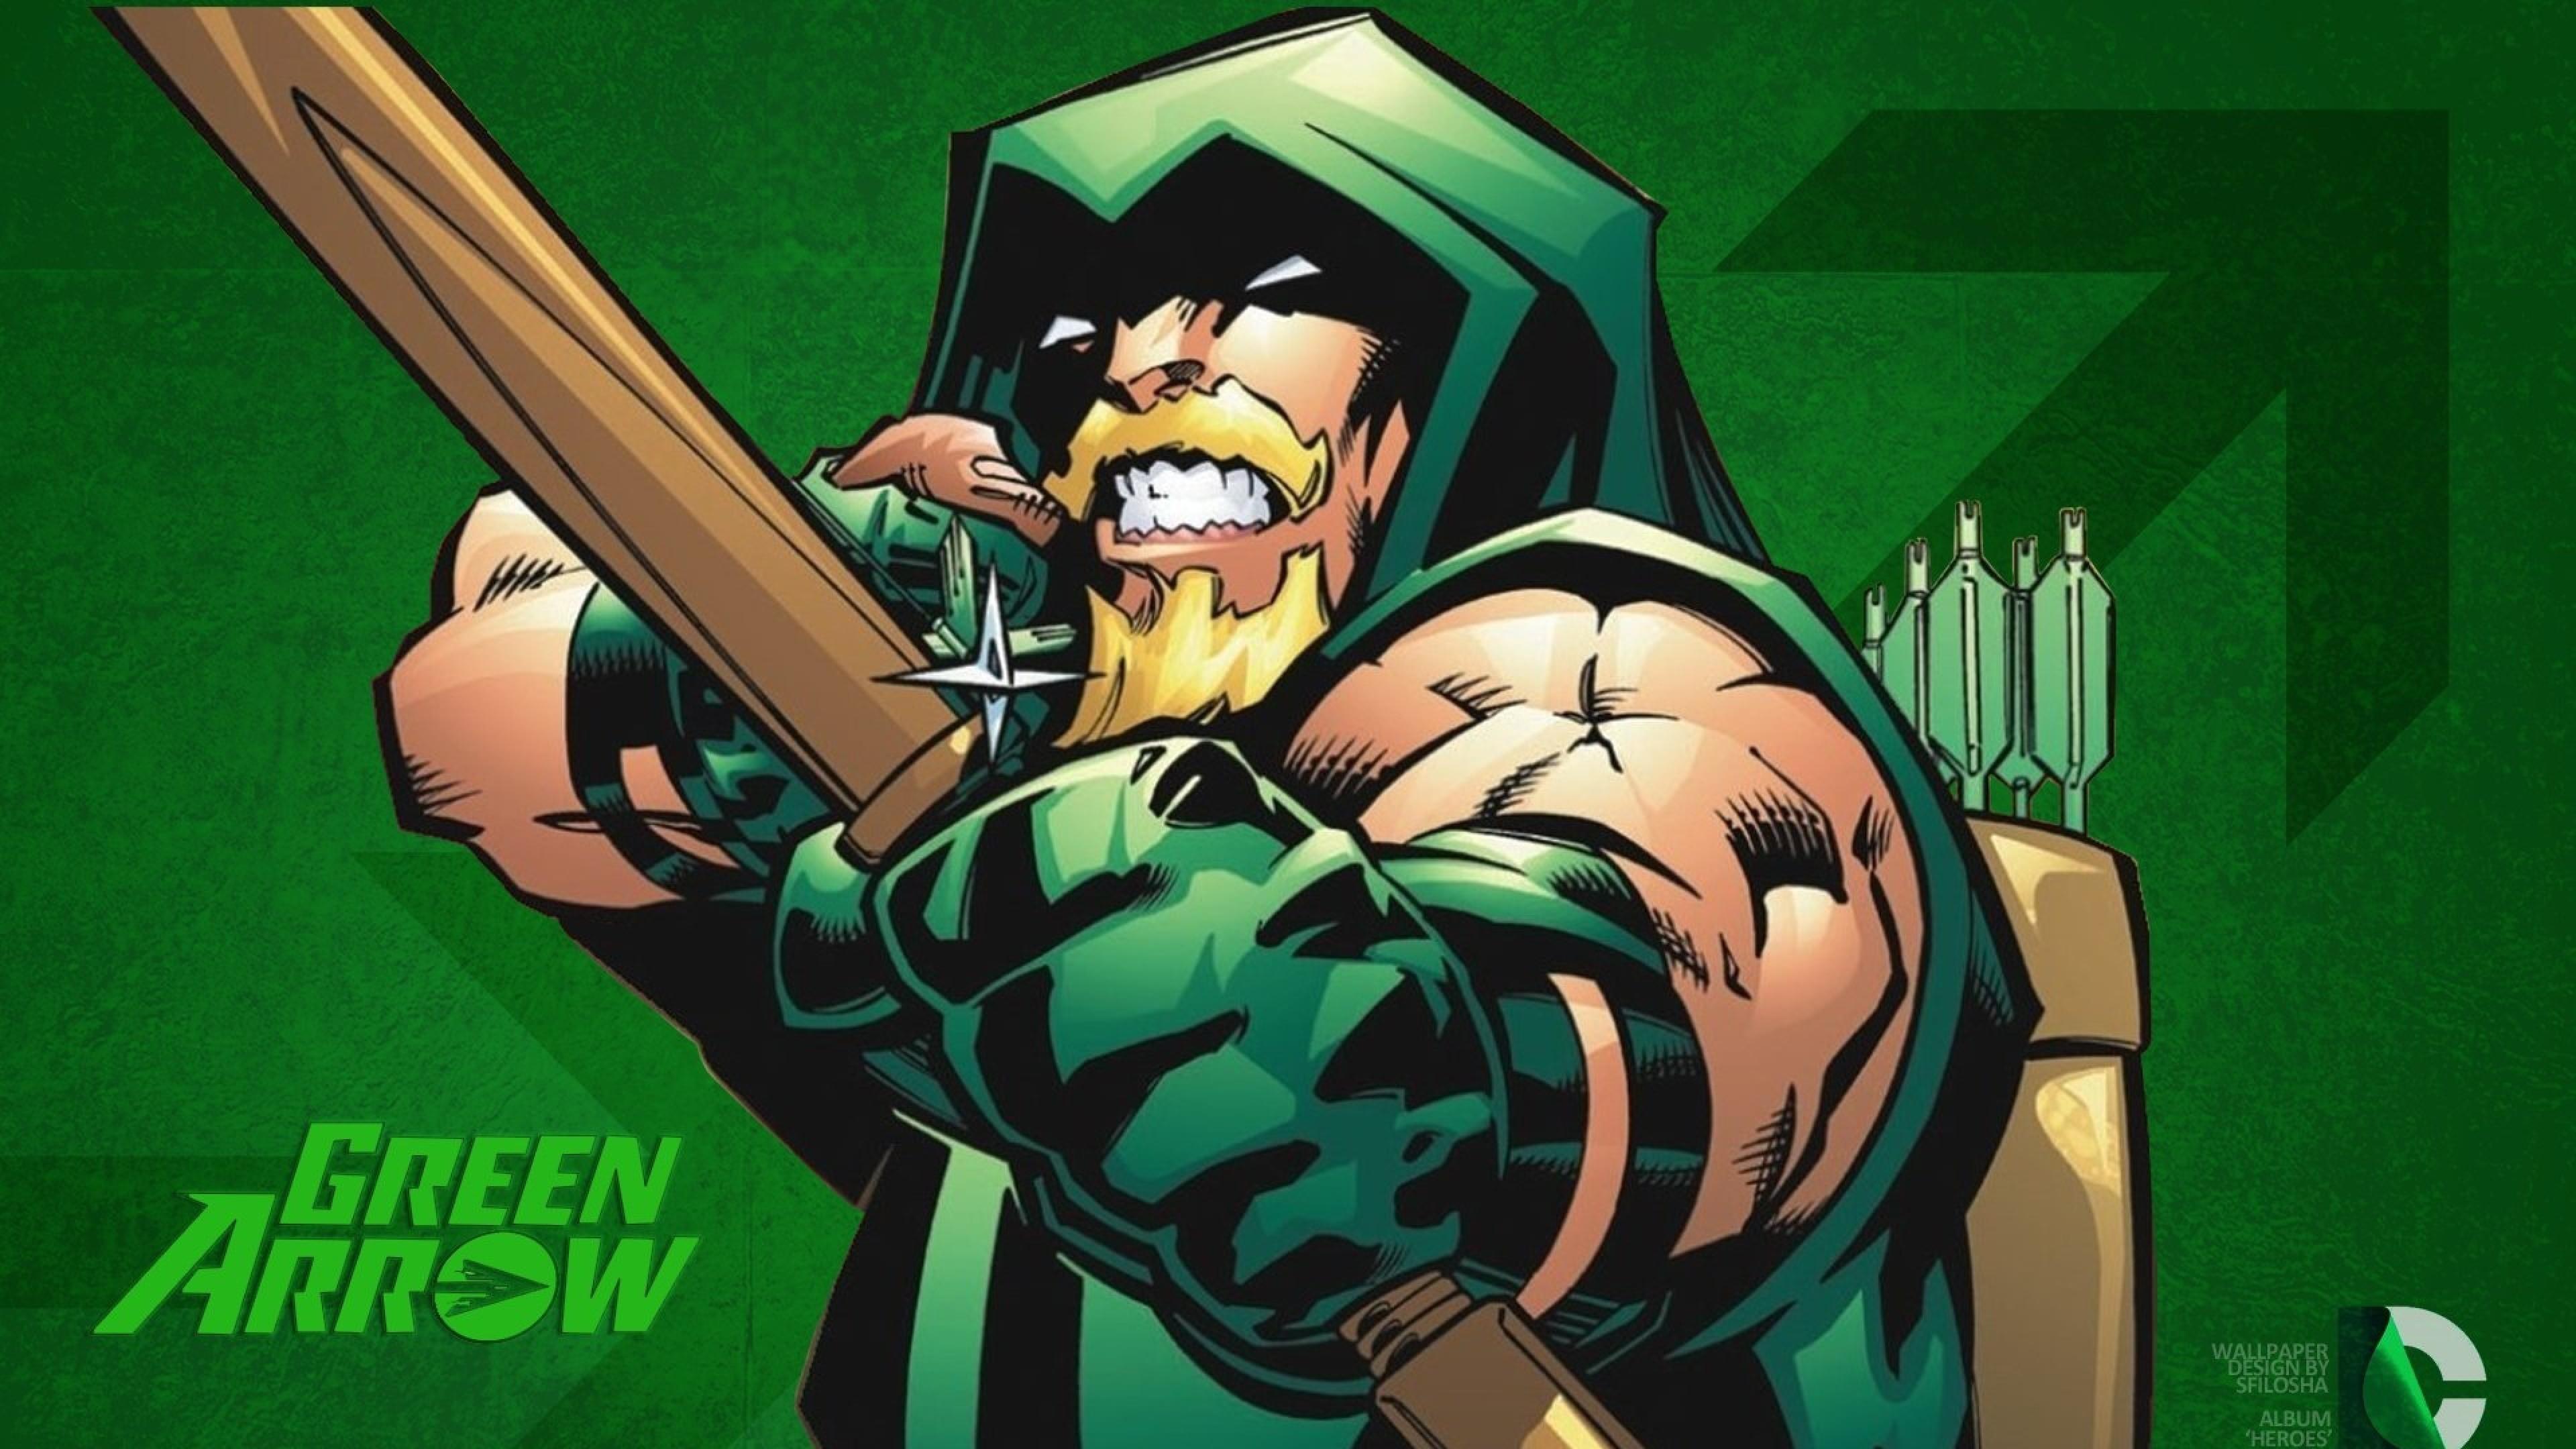 Wallpaper green arrow, more fun comics, dc comics